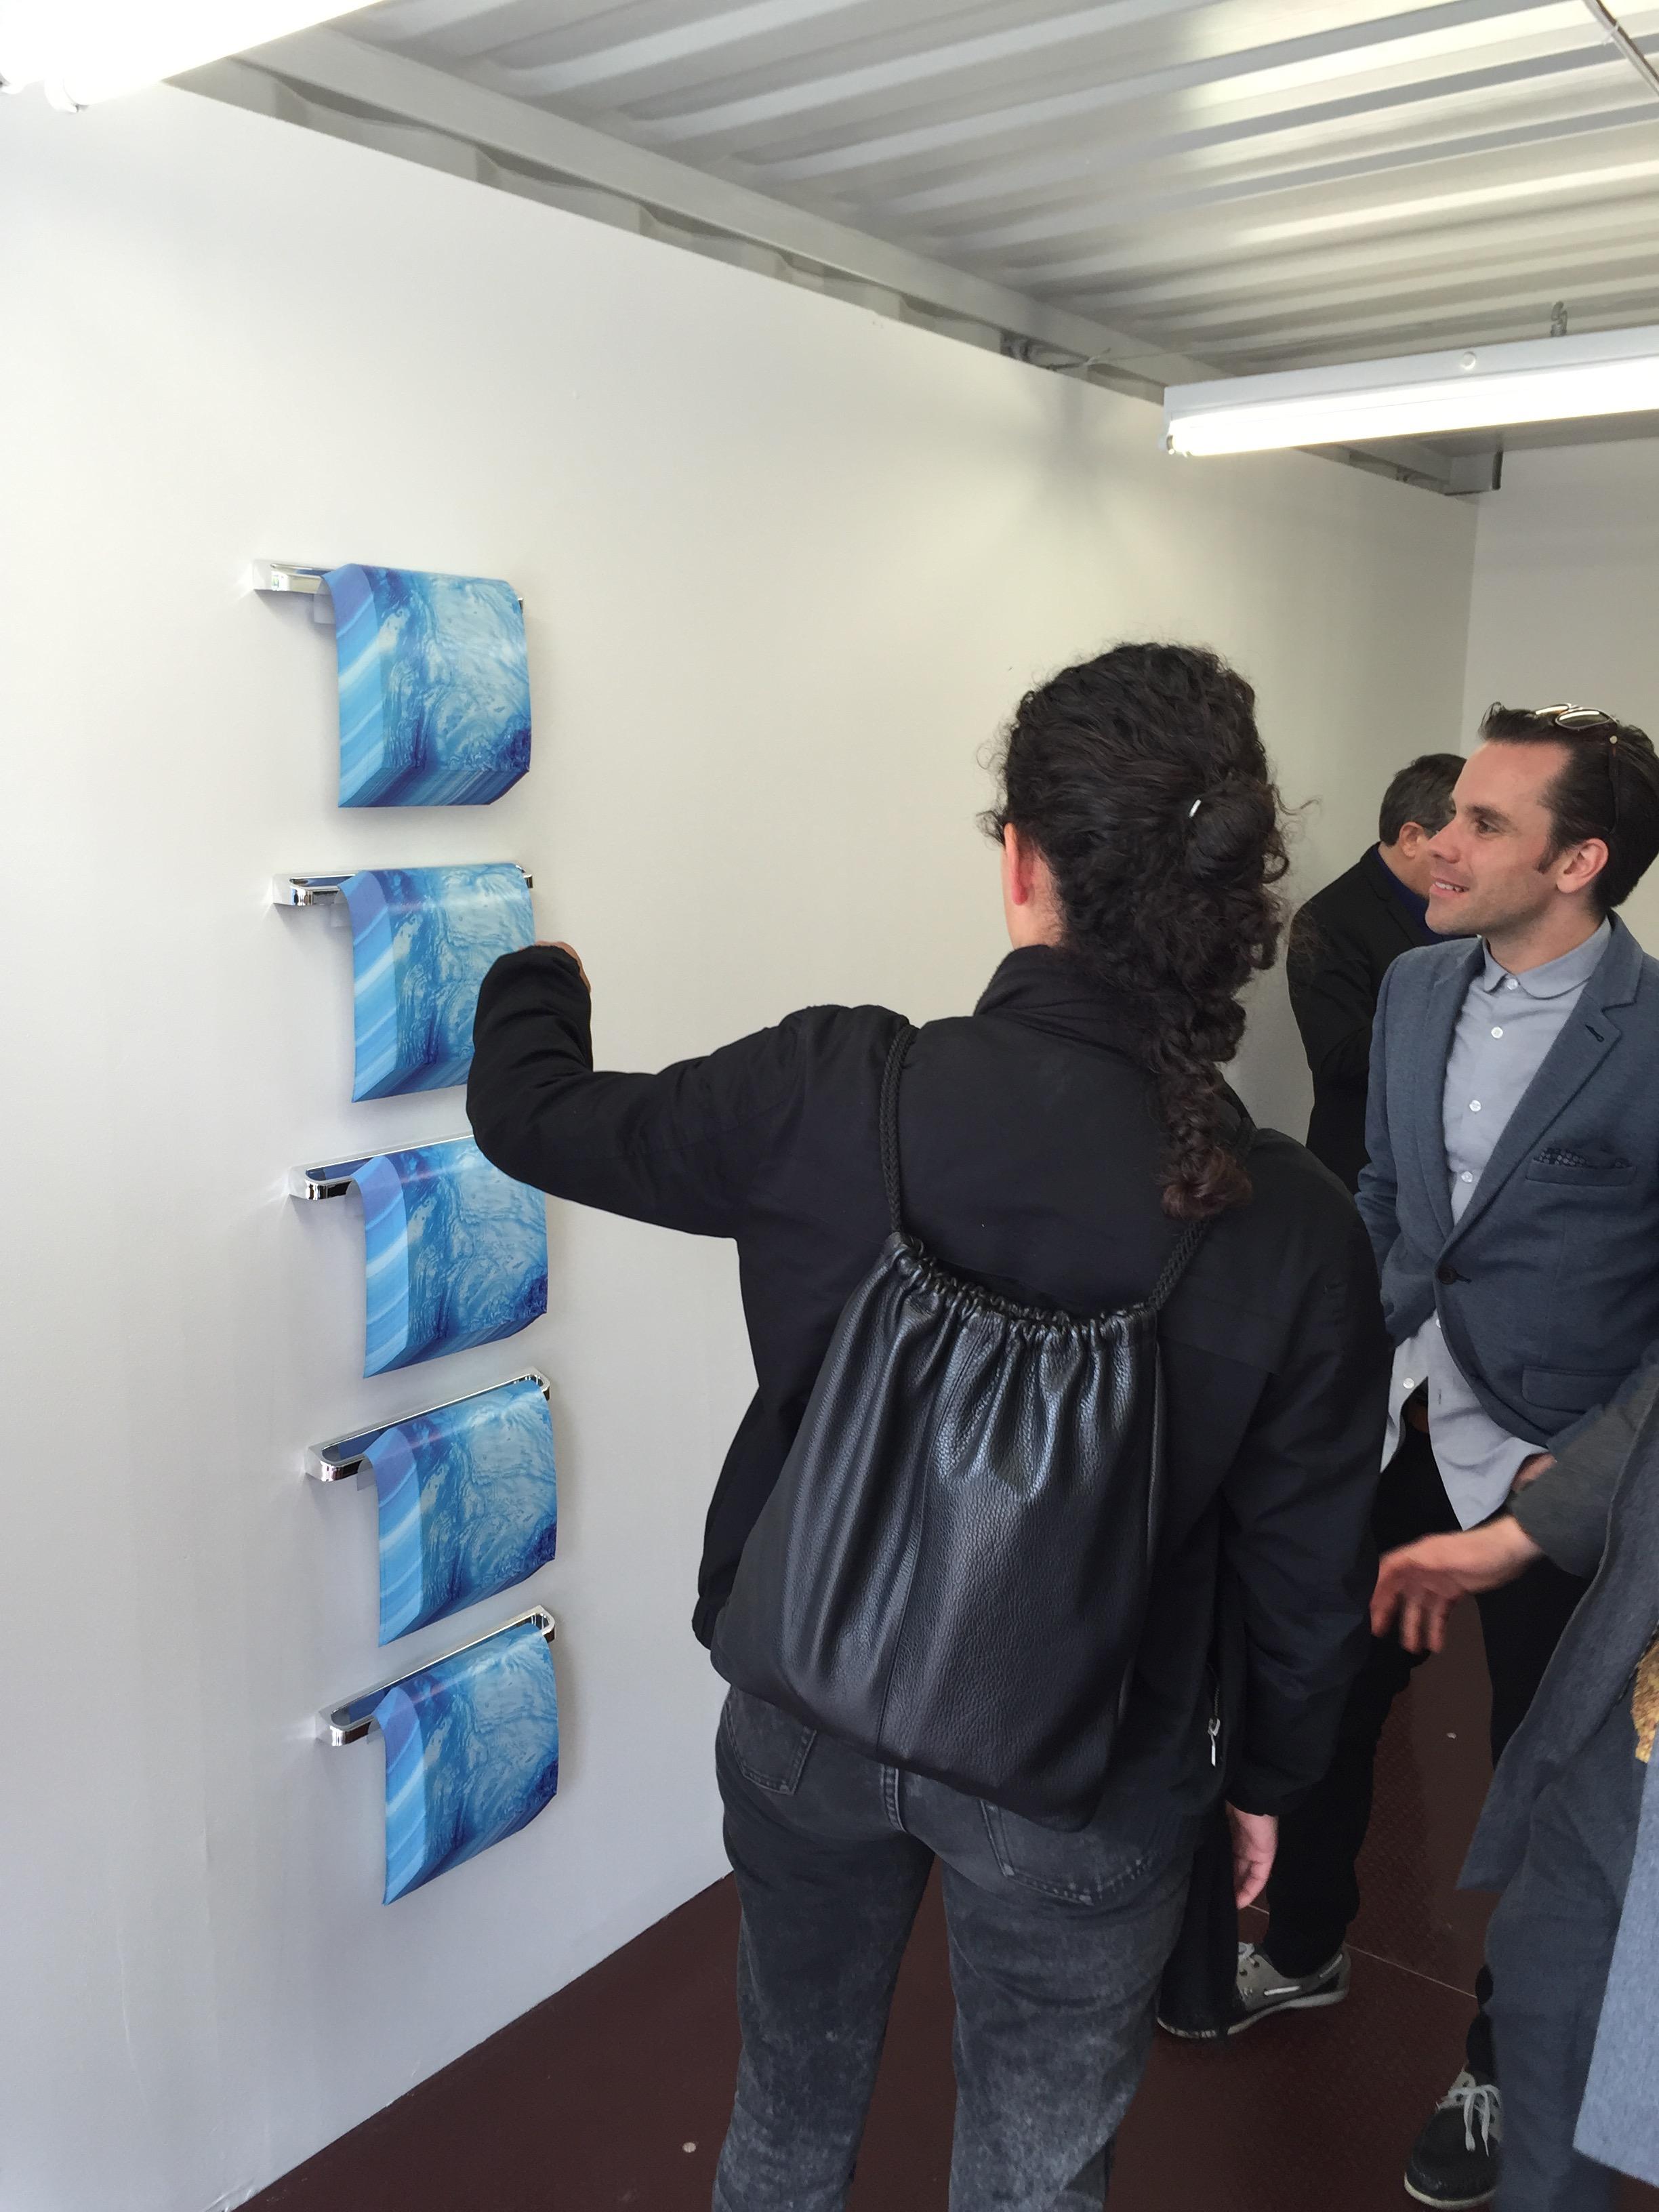 Offshore Exhibition Tour